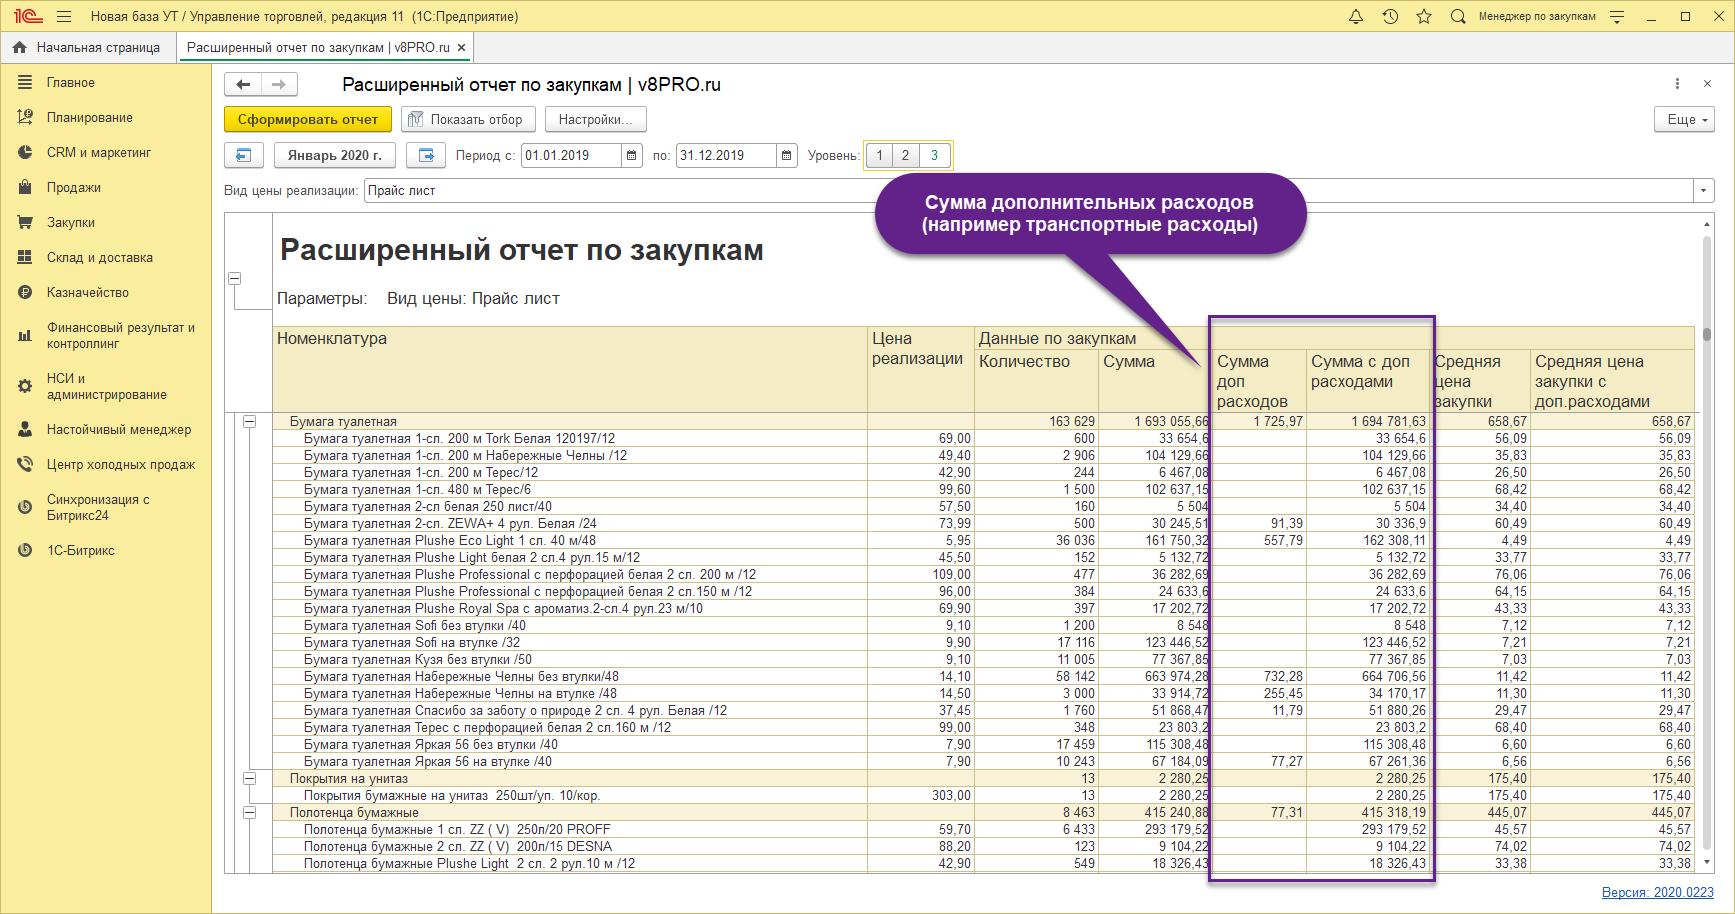 Дополнительные расходы в закупках в 1С Управление торговлей 11